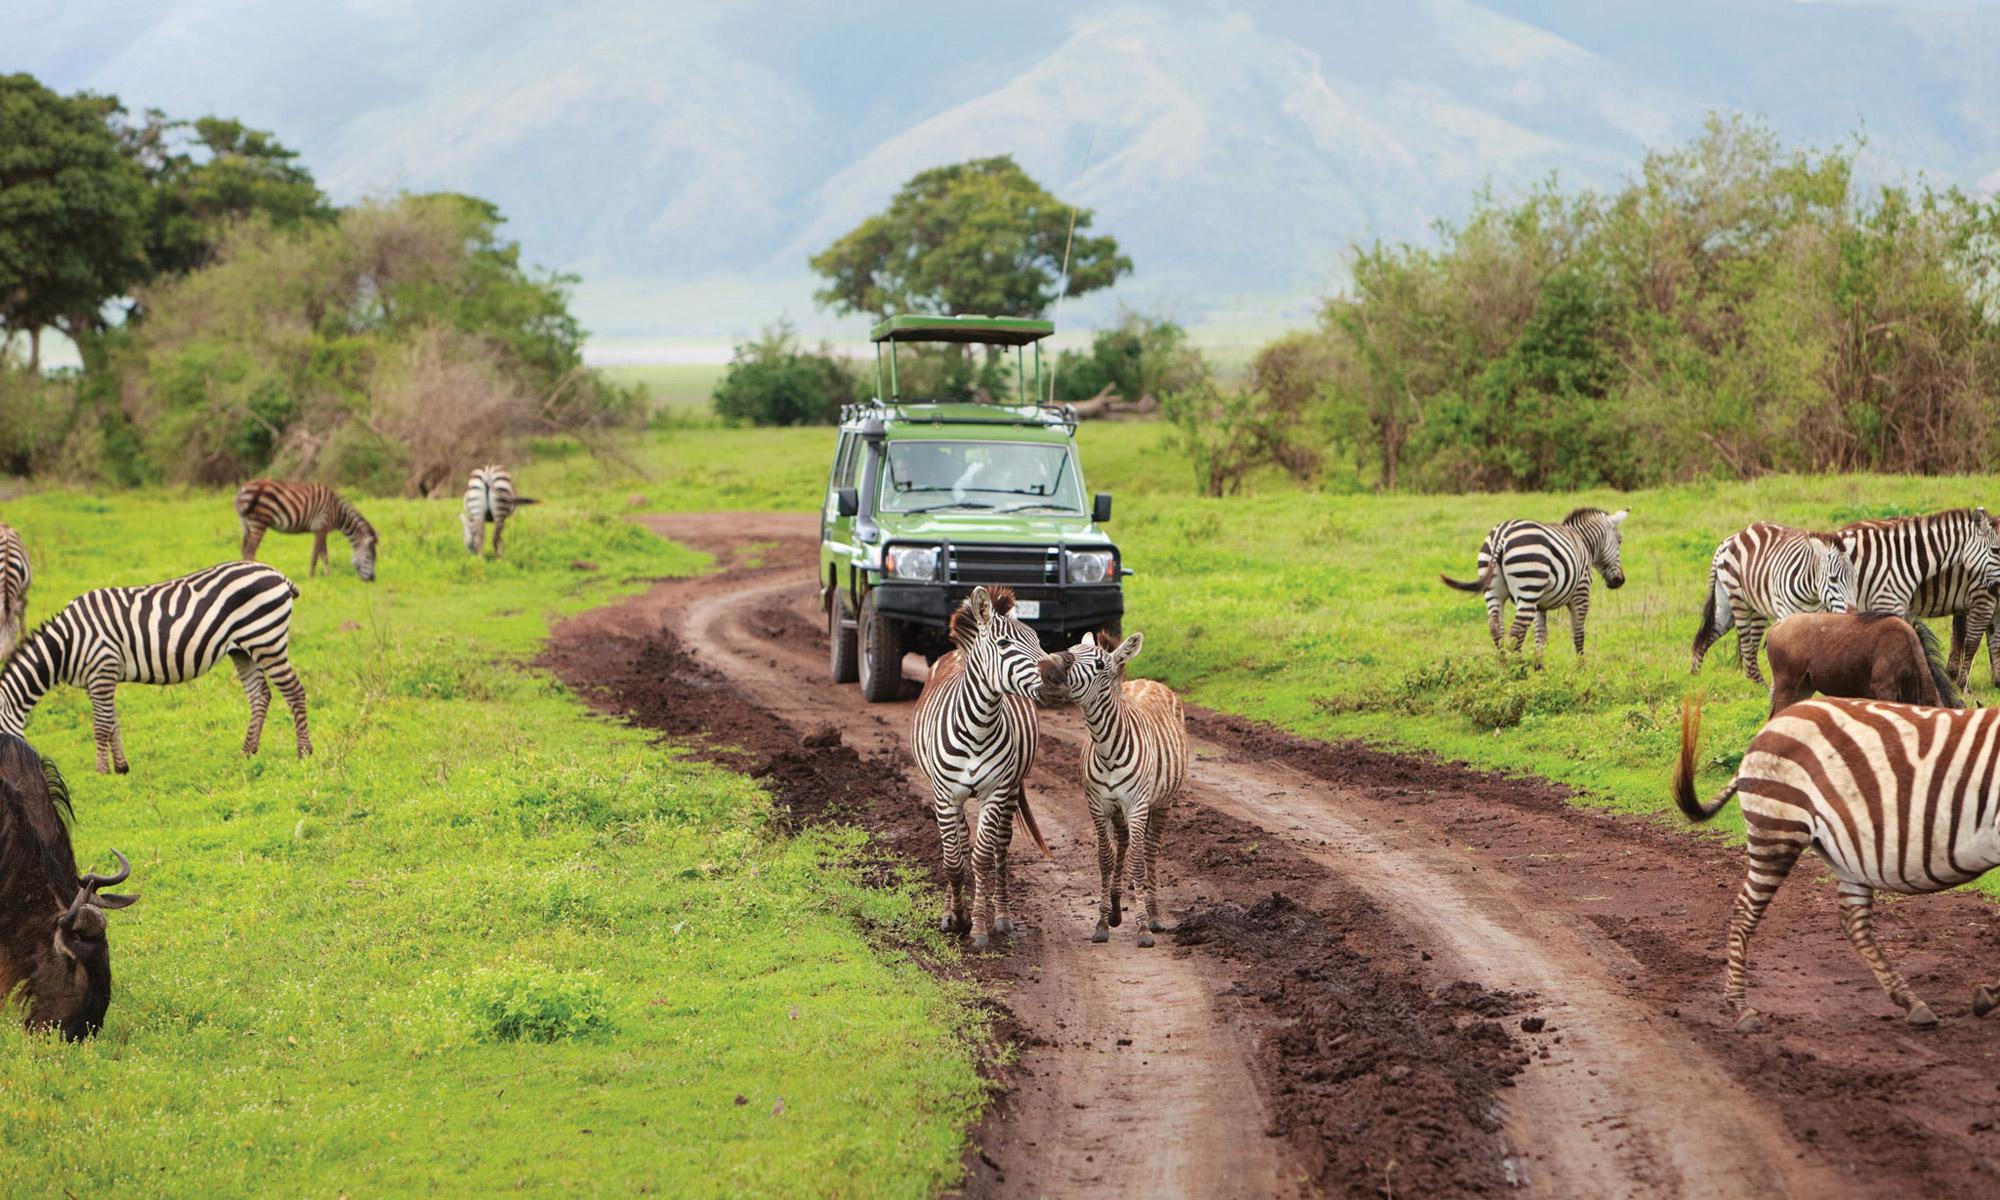 5 bezienswaardigheden die je gezien moet hebben in Tanzania - Serengeti